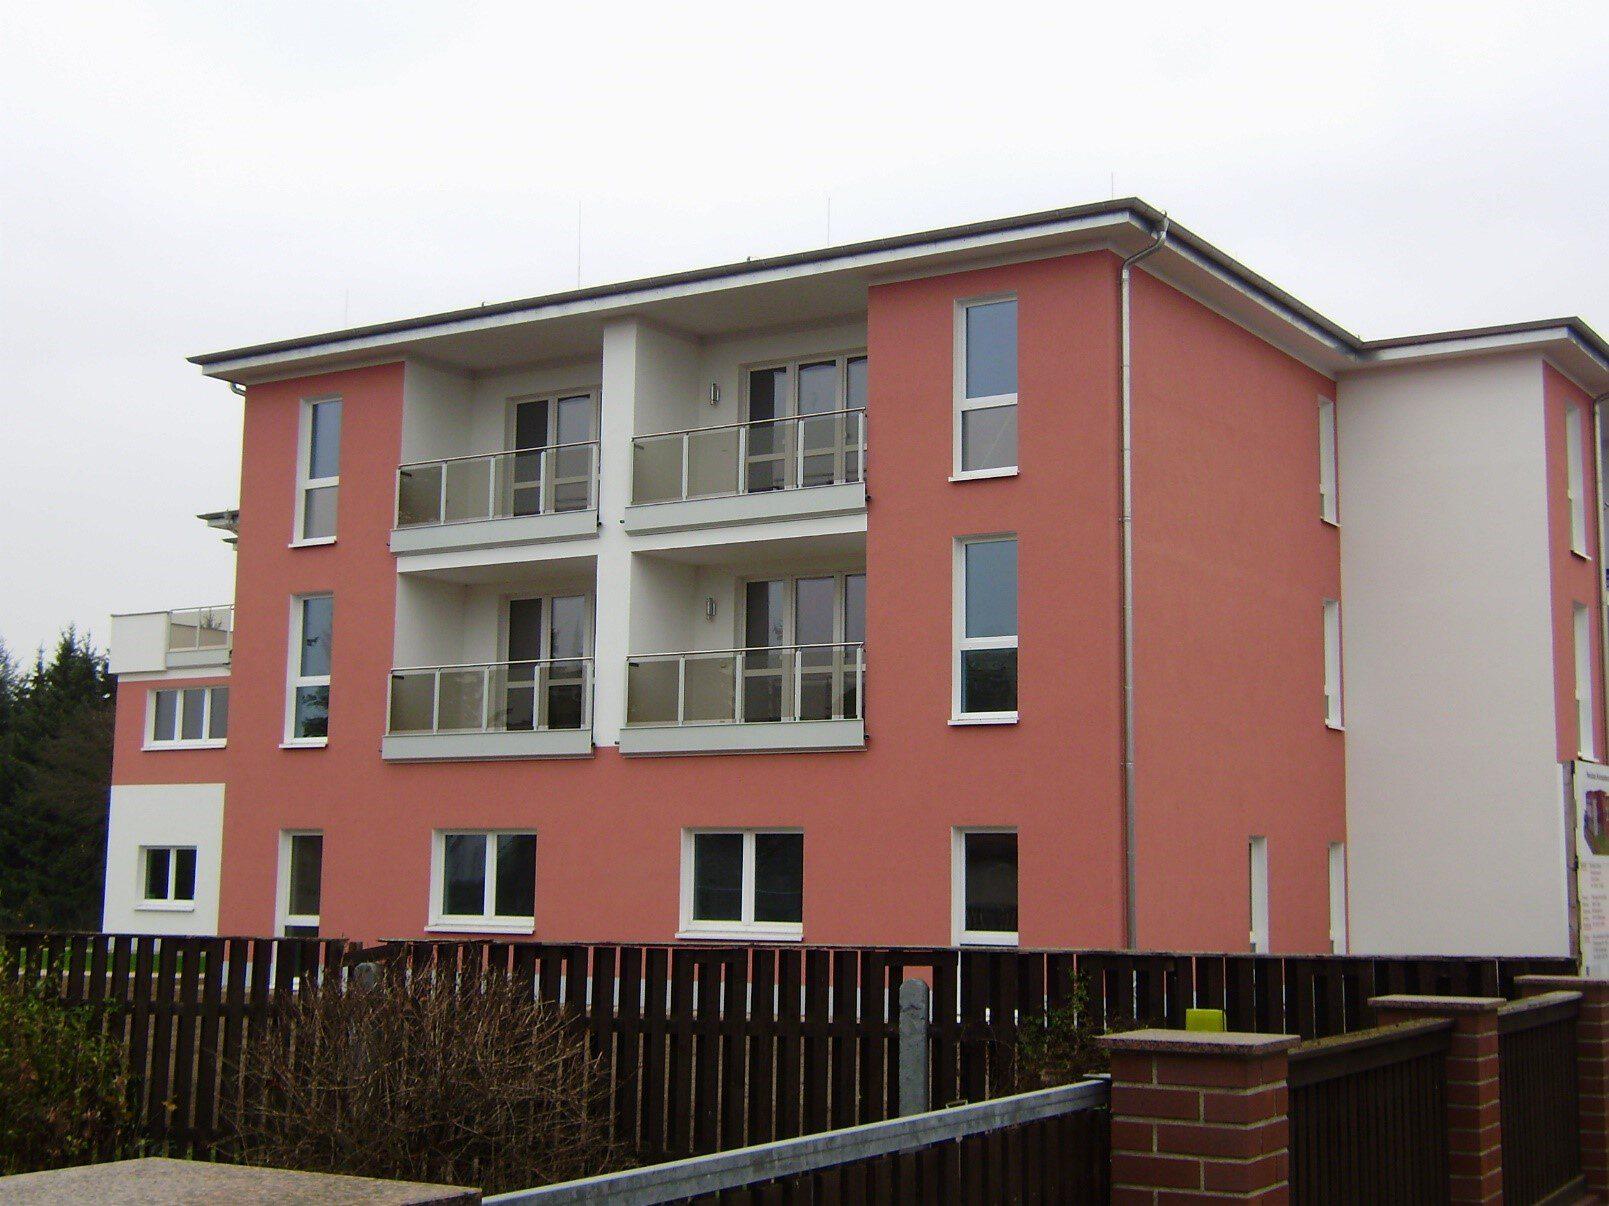 Luxuriöse 2-Raum-Wohnung mit Balkon in Zentrumsnähe